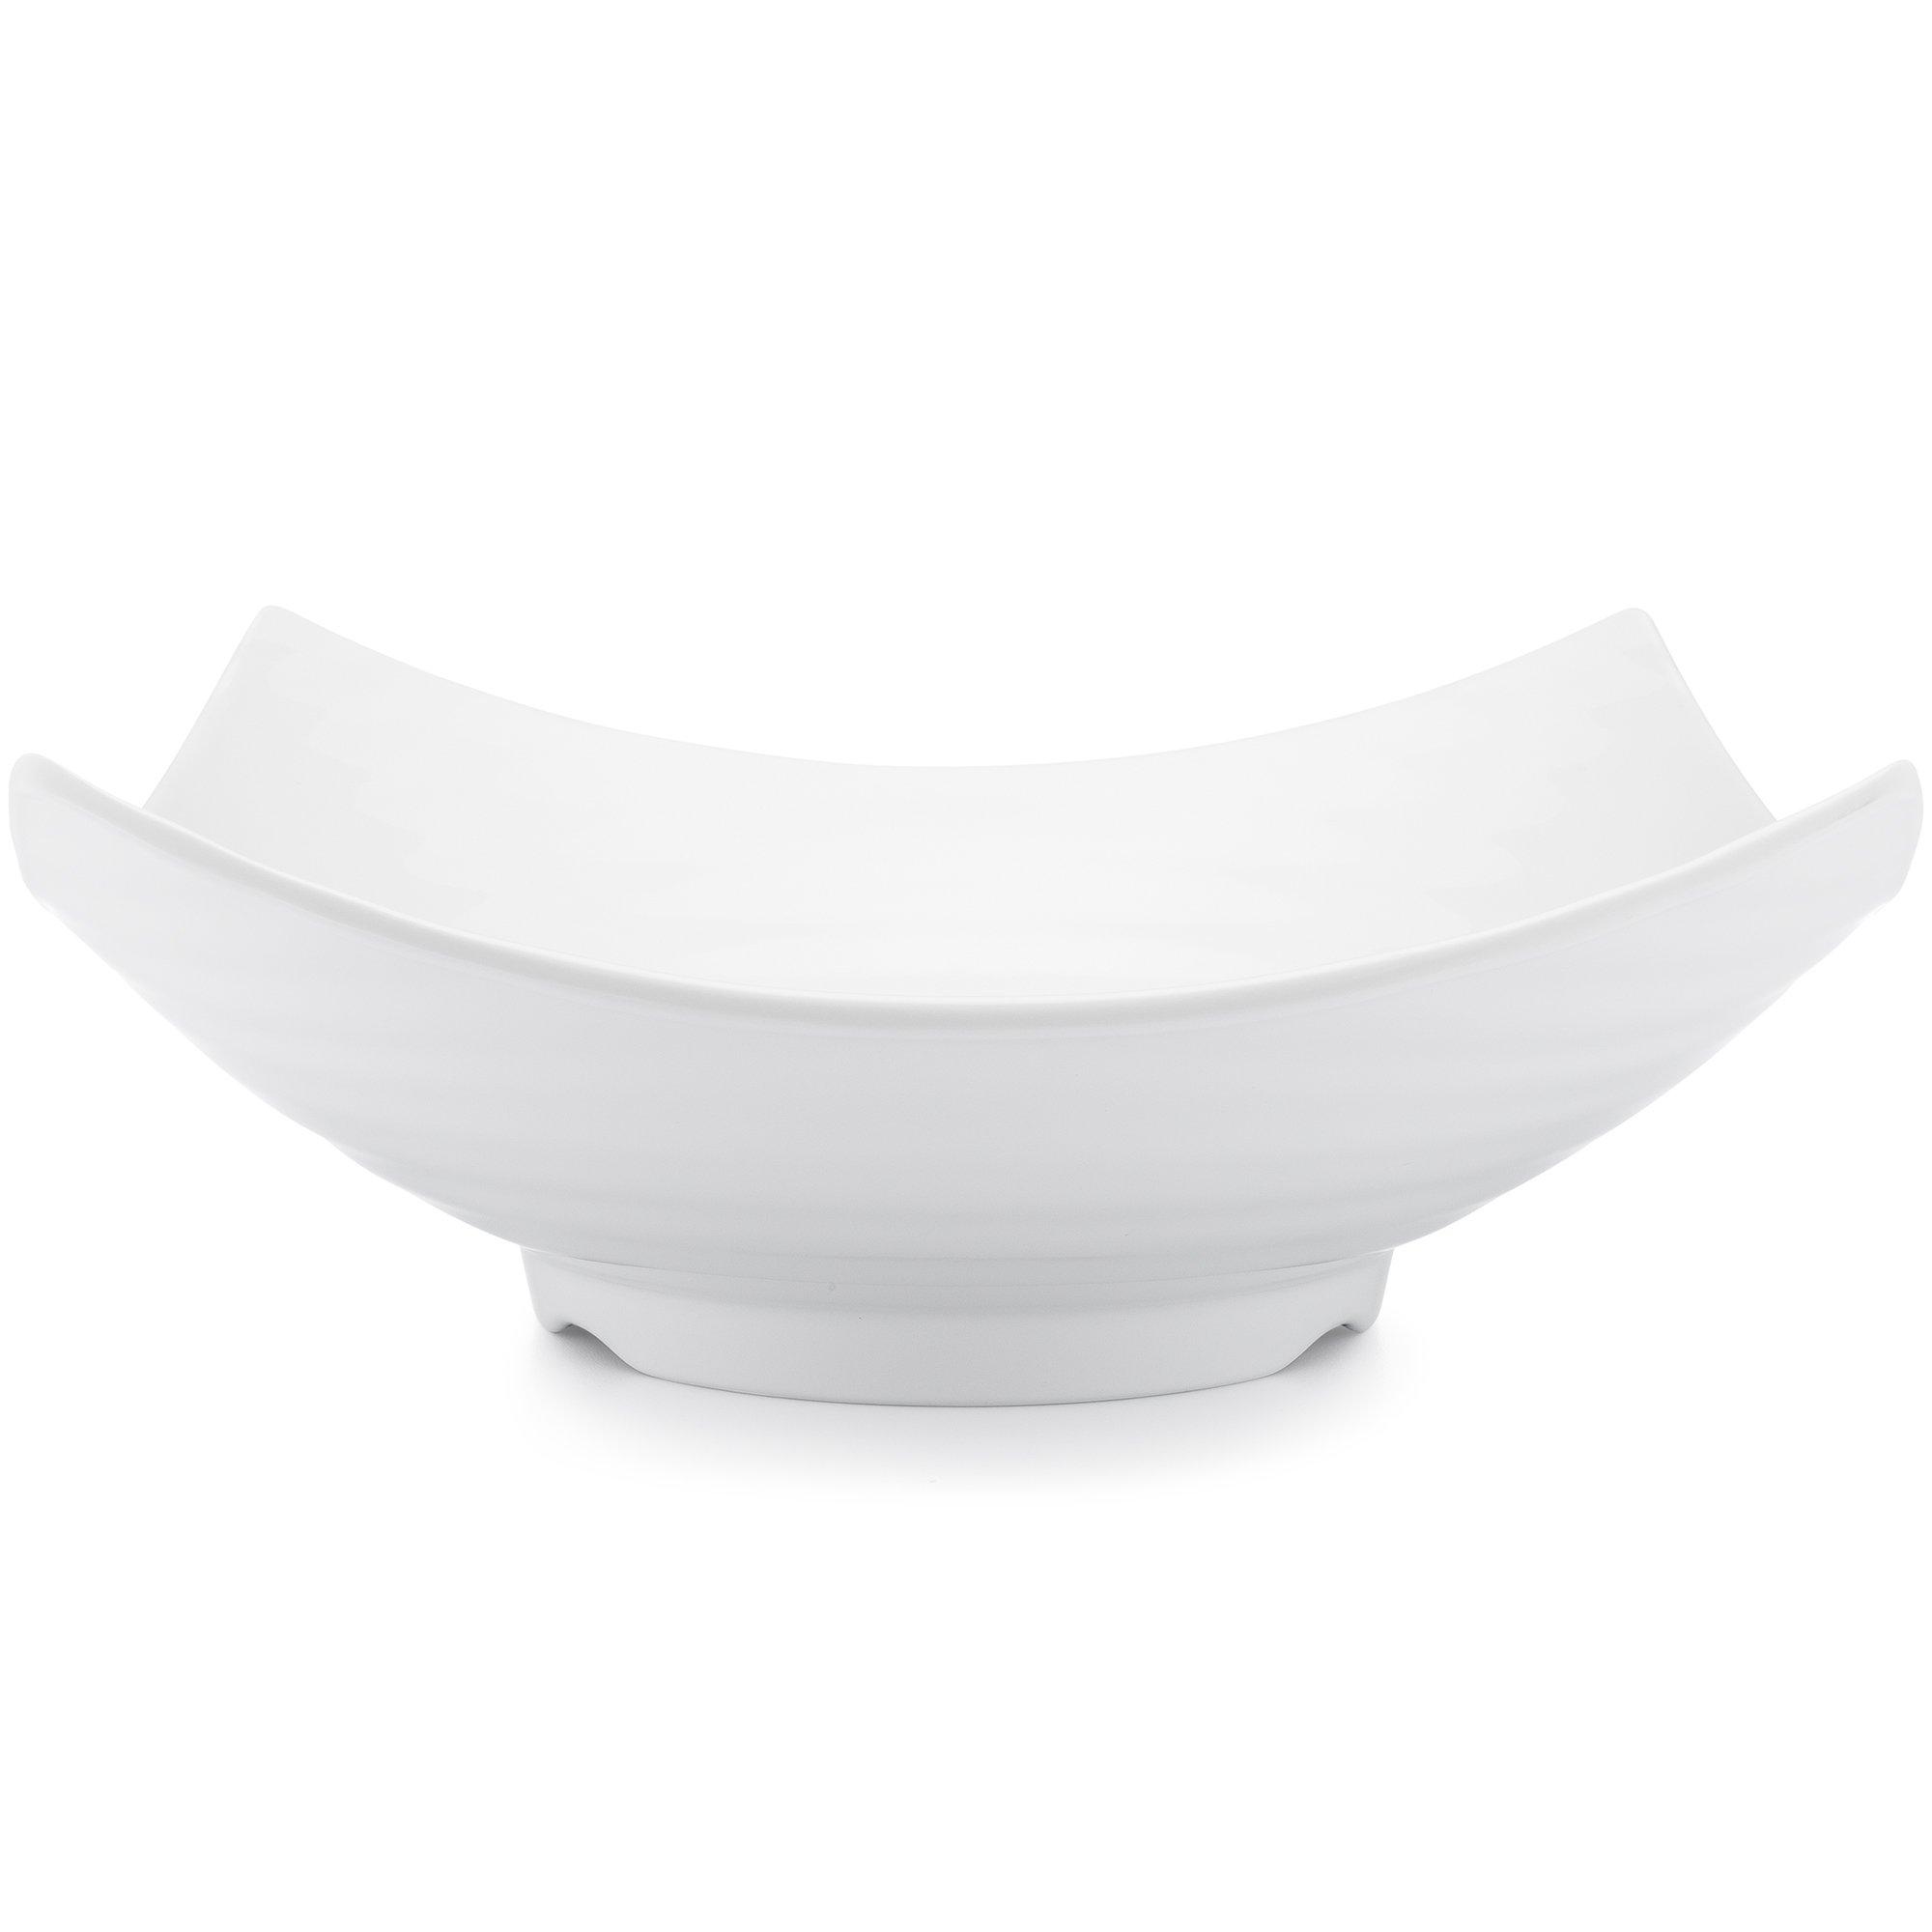 Q Squared Zen BPA-Free Melamine Serving Bowl, 12-1/2 Inches, White